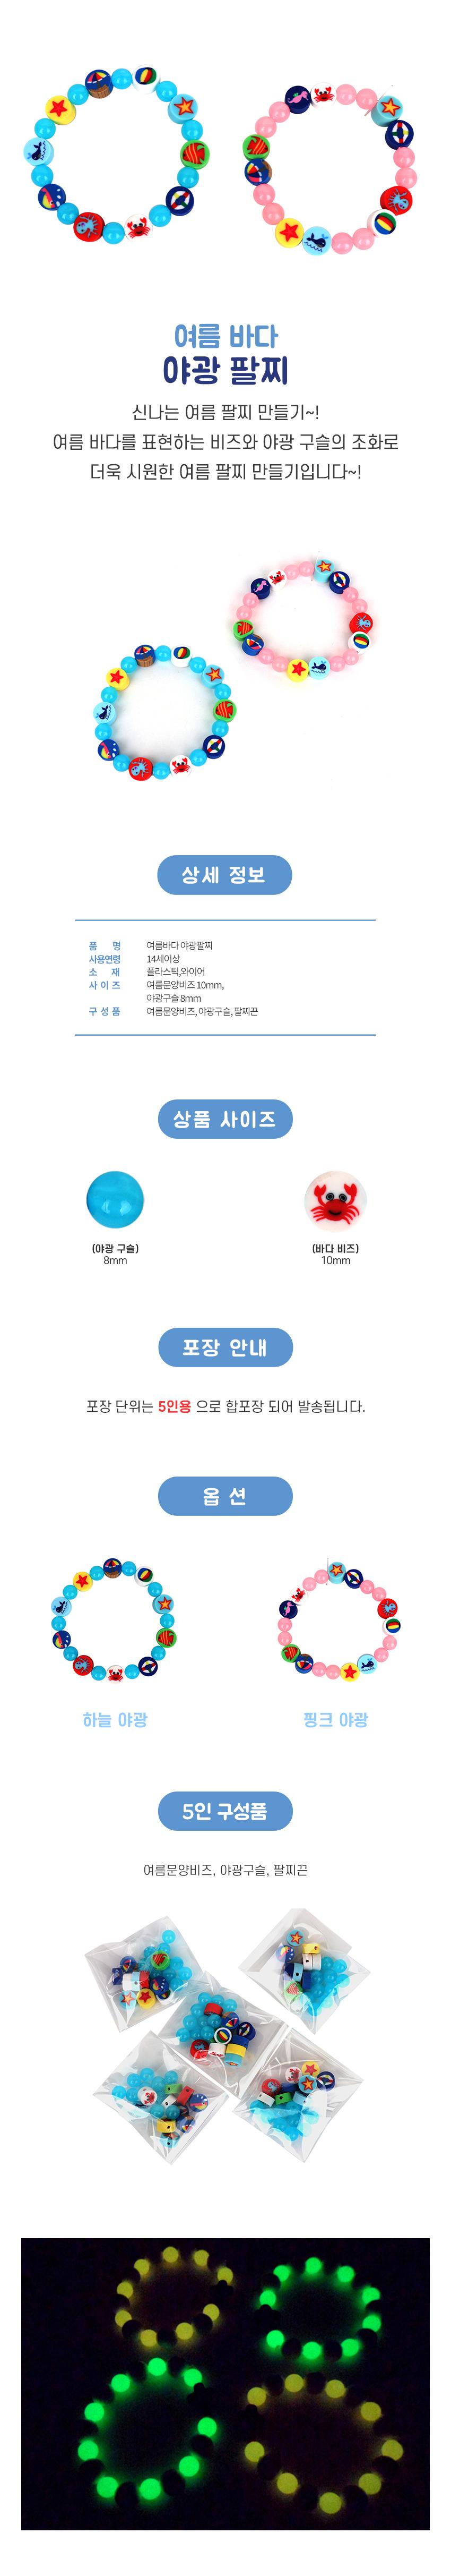 여름바다 야광팔찌 5인용 - 미술샘, 6,000원, 펠트공예, 열쇠고리/소품 패키지